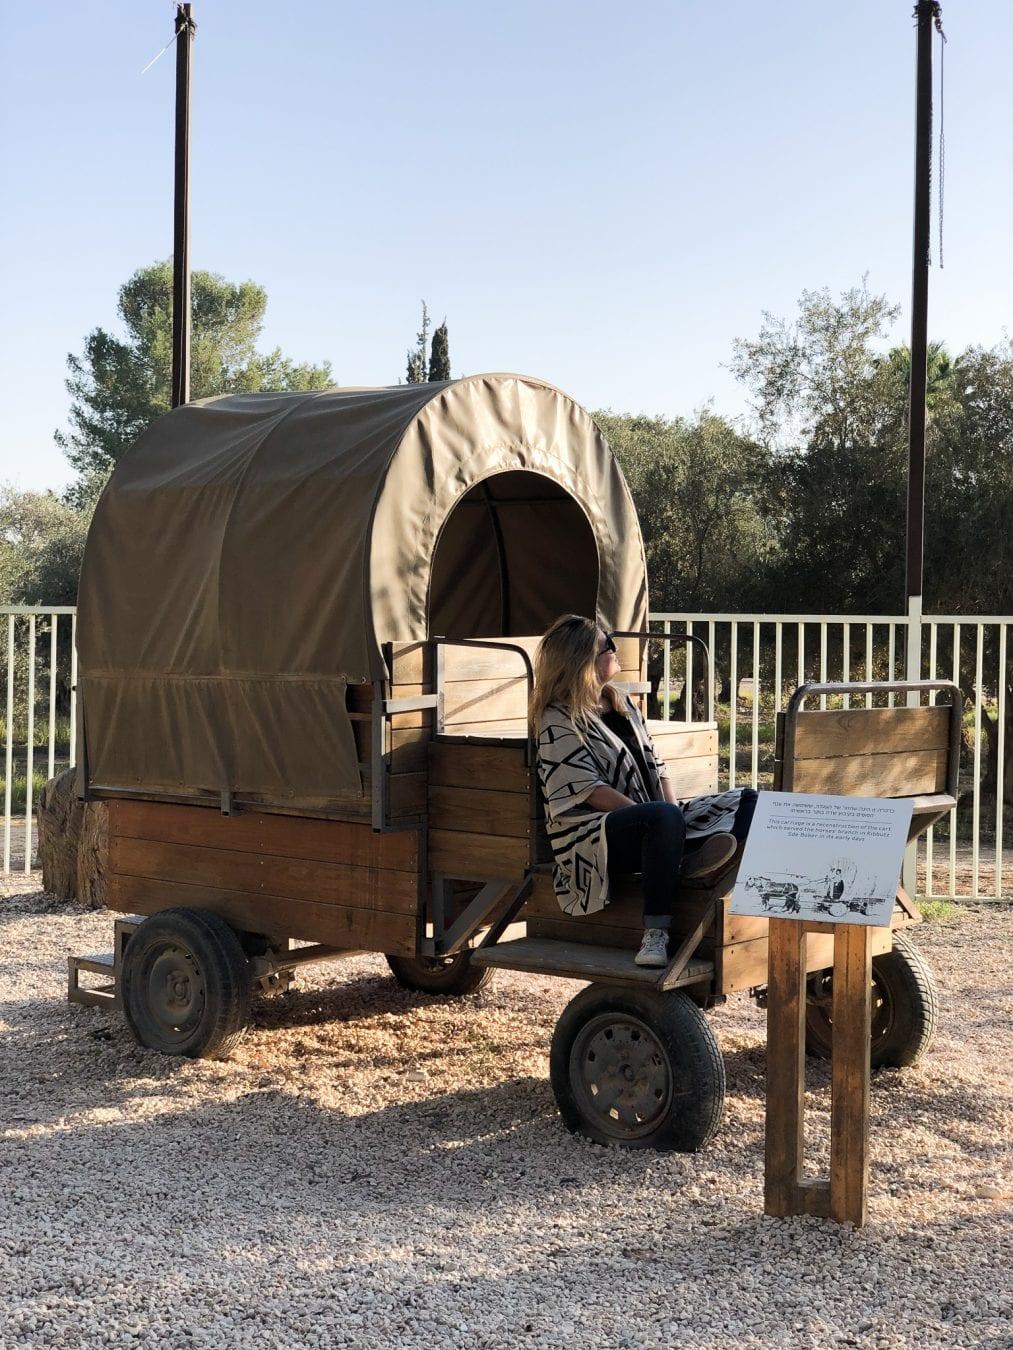 the full guide for road 40. the negev desert of Israel